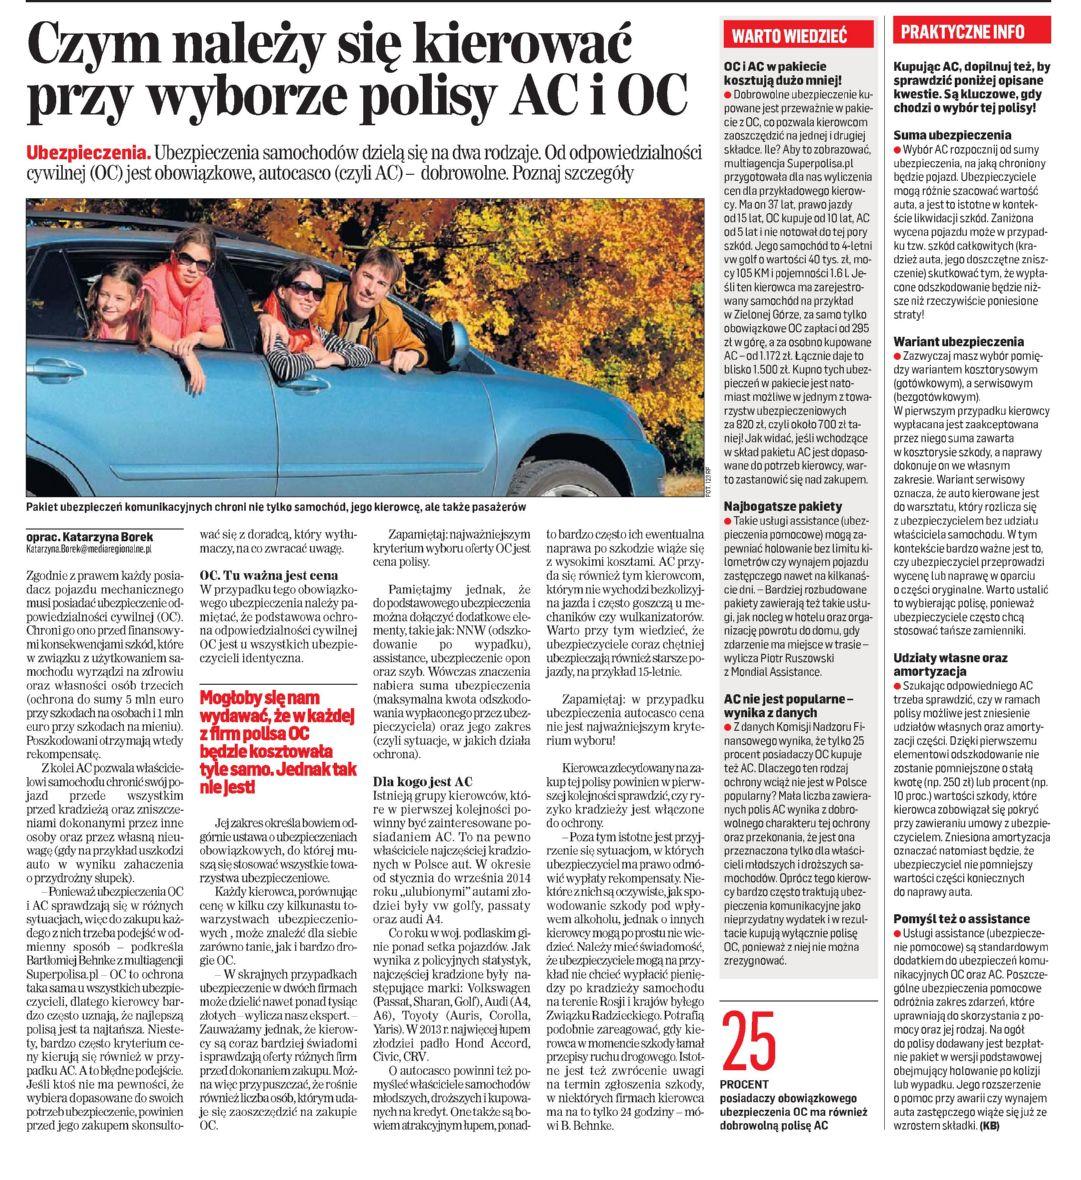 """""""Czym należy się kierować przy wyborze polisy AC i OC"""" – Gazeta Współczesna"""